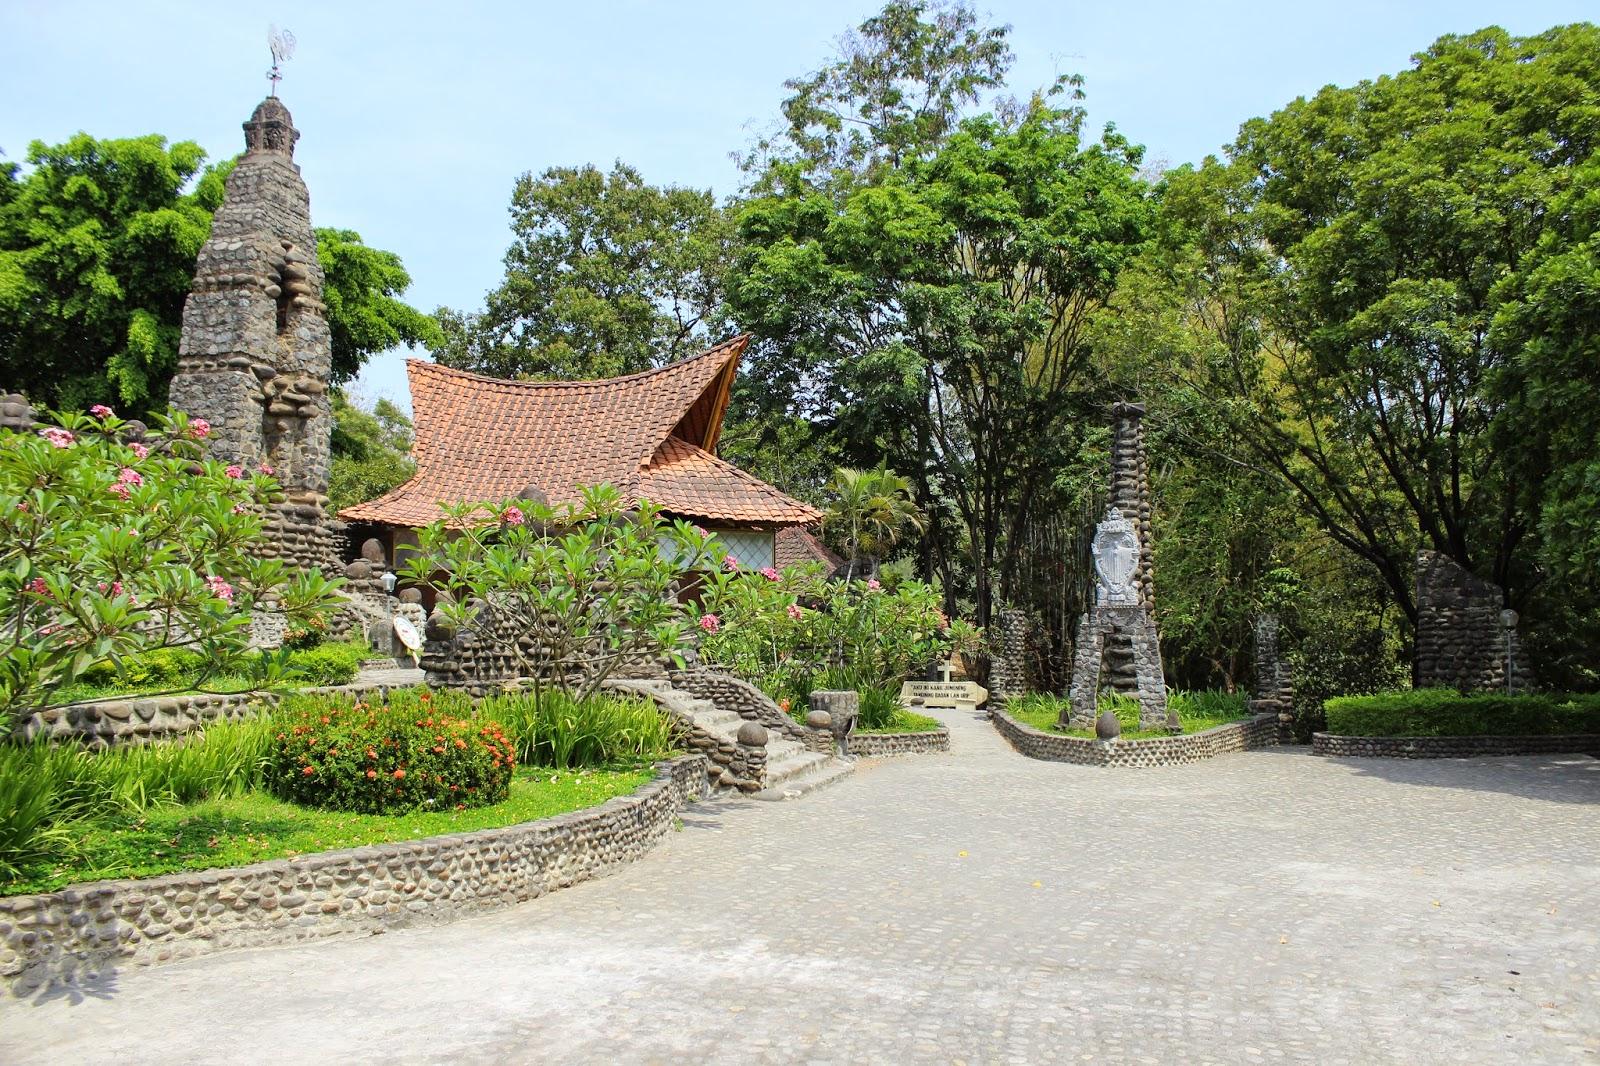 Wisata Kediri Gereja Tua Puhsarang Terletak Gunung Klotok Lereng Wilis